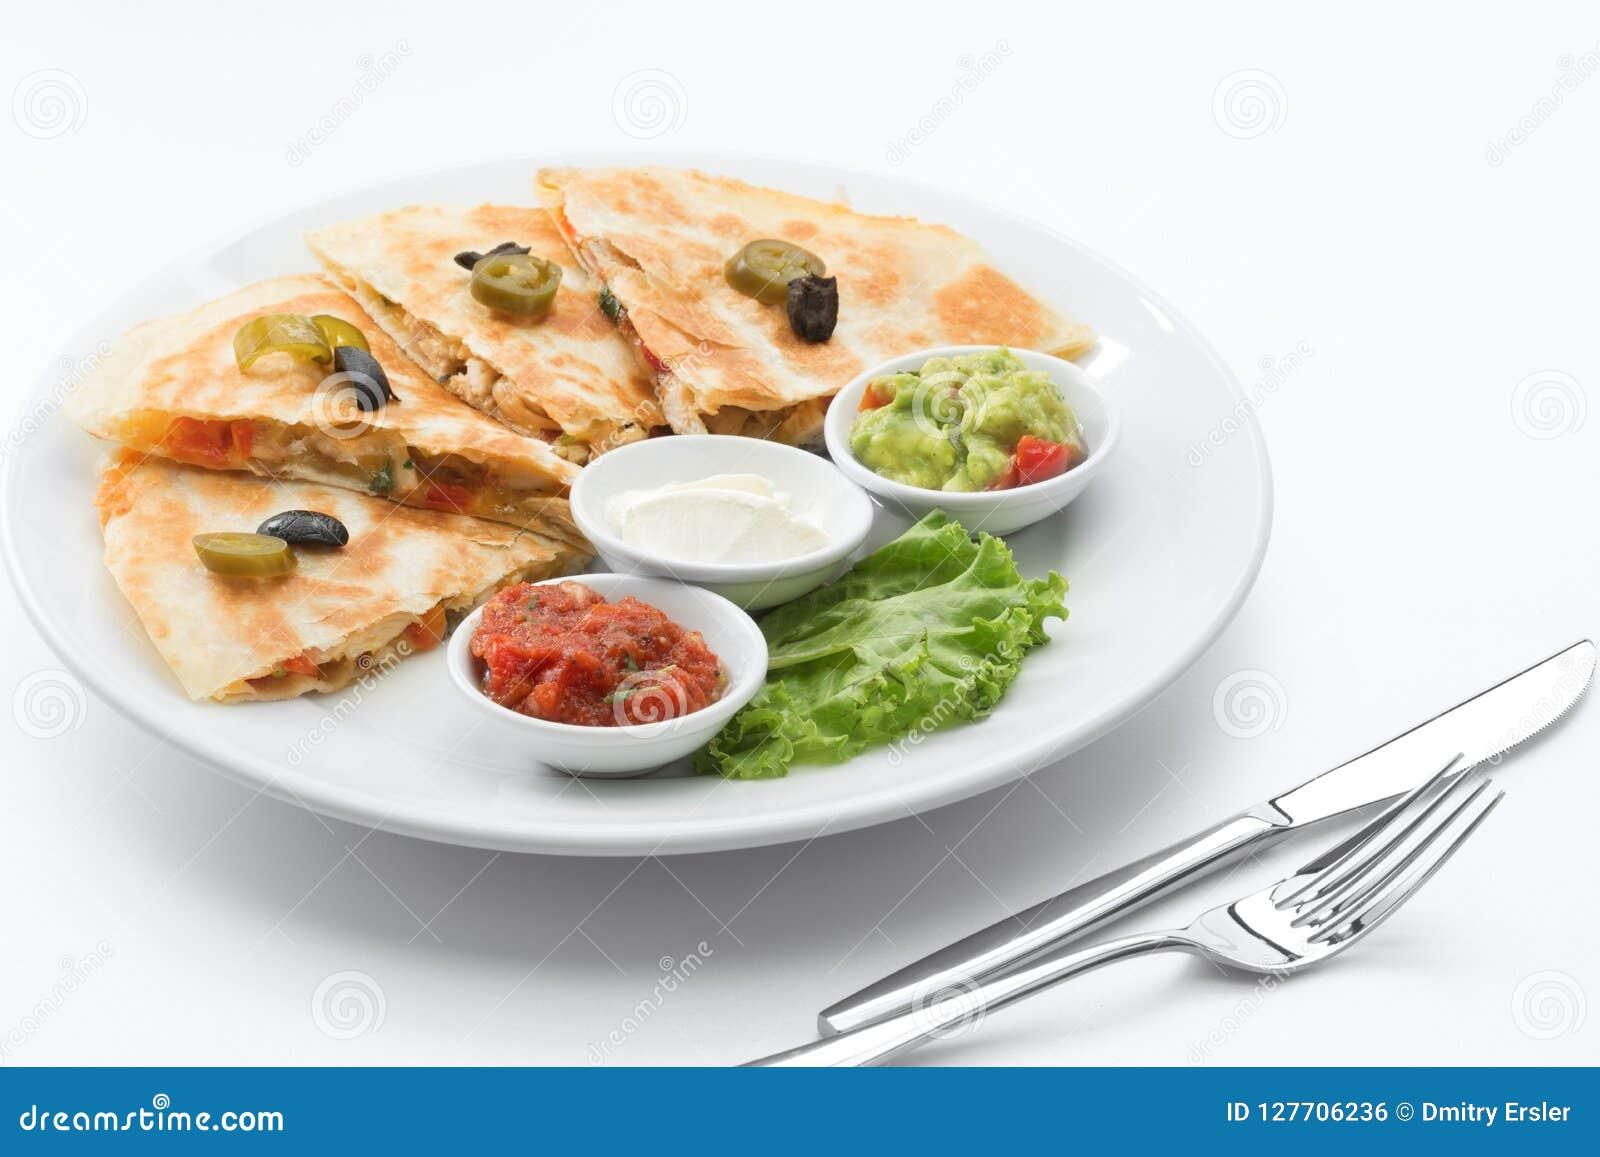 Mexicaanse quesadilla op witte rug